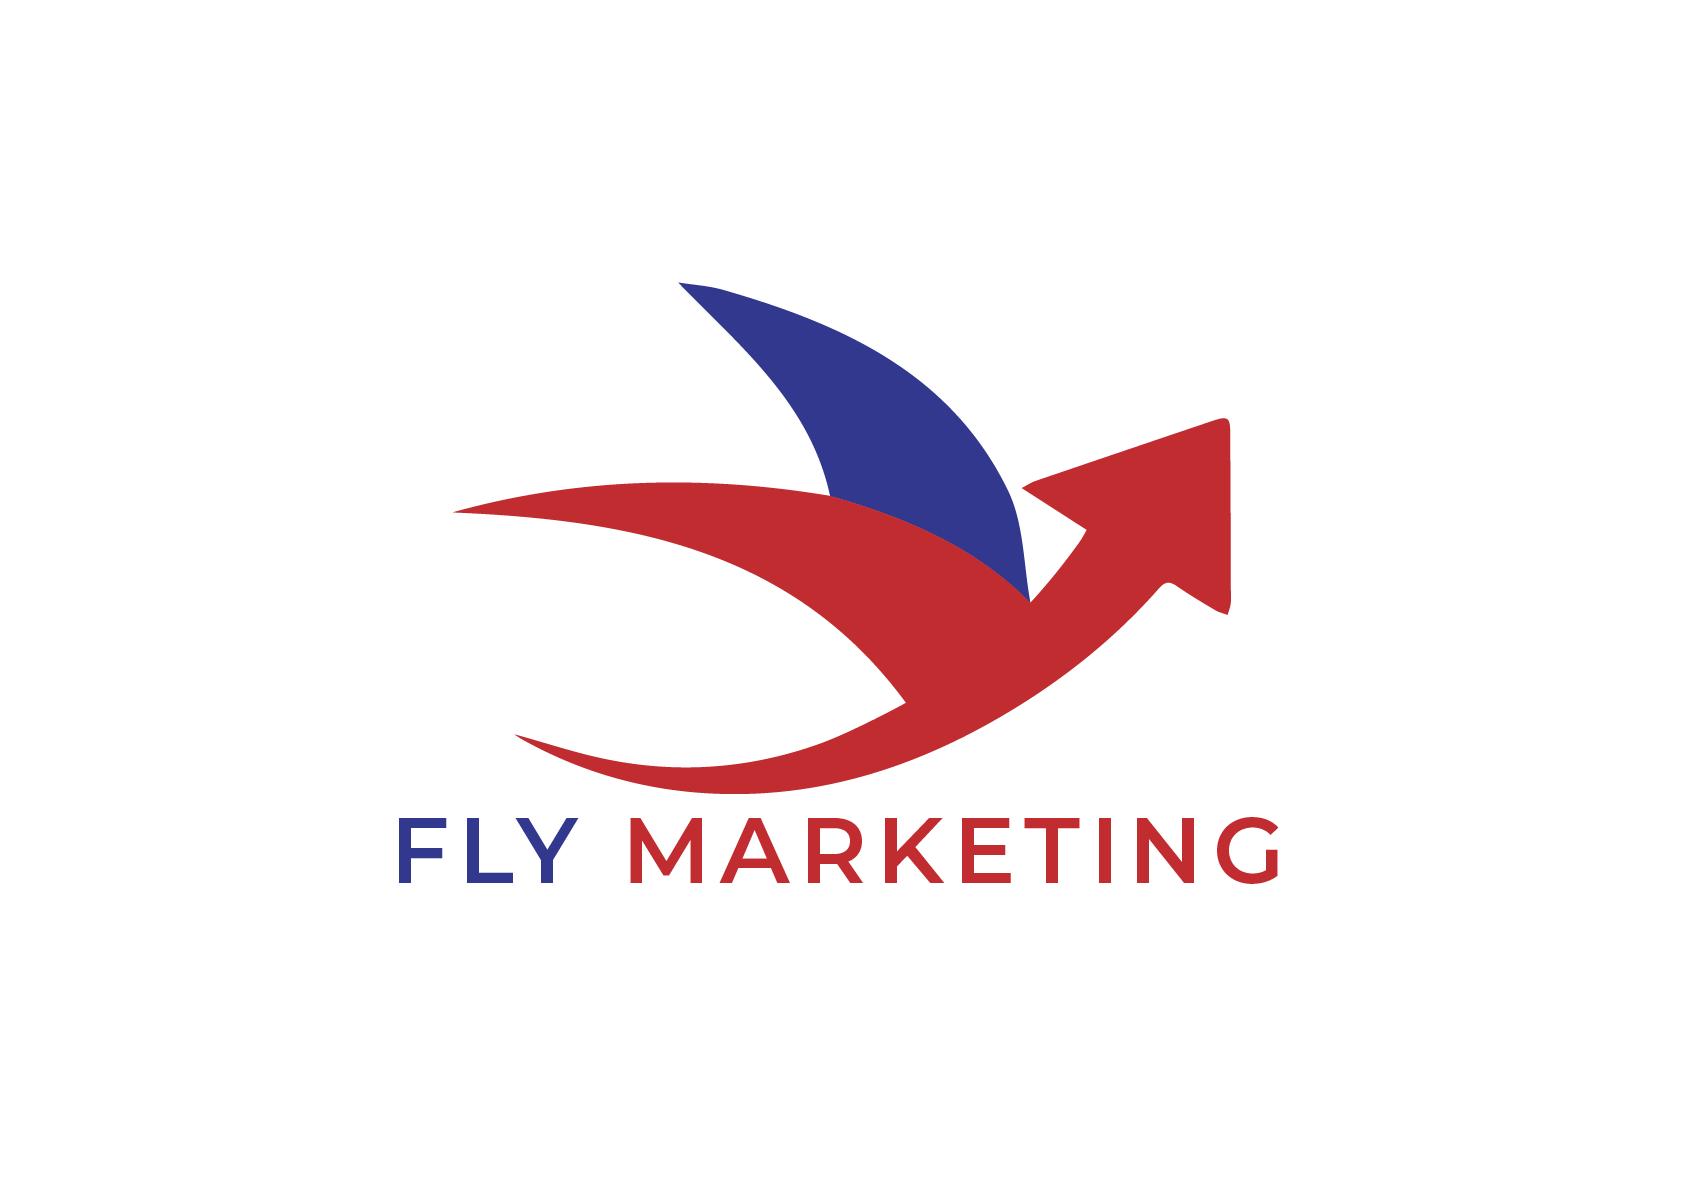 fly marketing